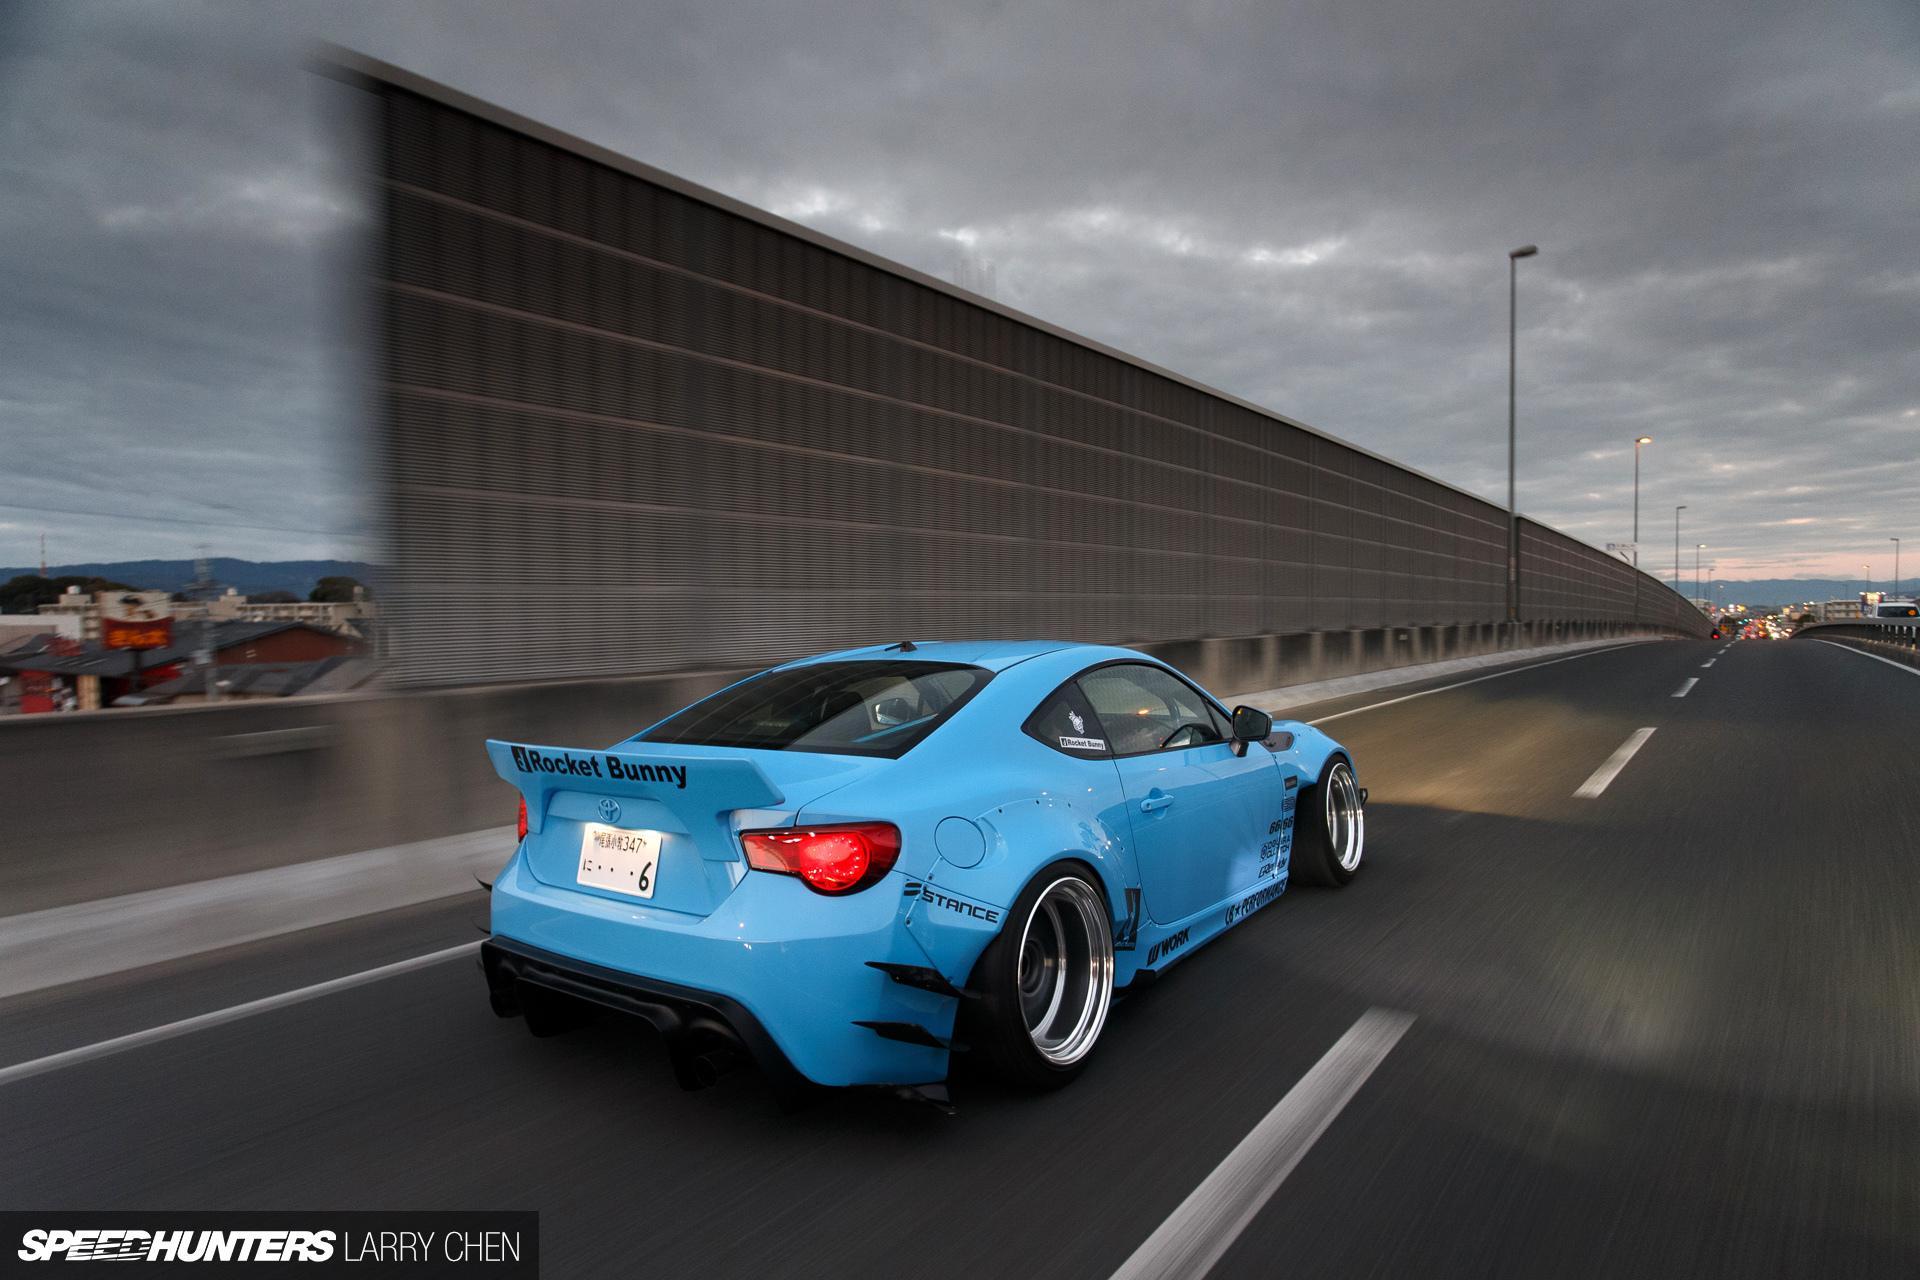 壁紙 19x1280 トヨタ自動車 道 Gt86 Scion Fr S Subaru Brz 空色 の背面図 運動 自動車 ダウンロード 写真